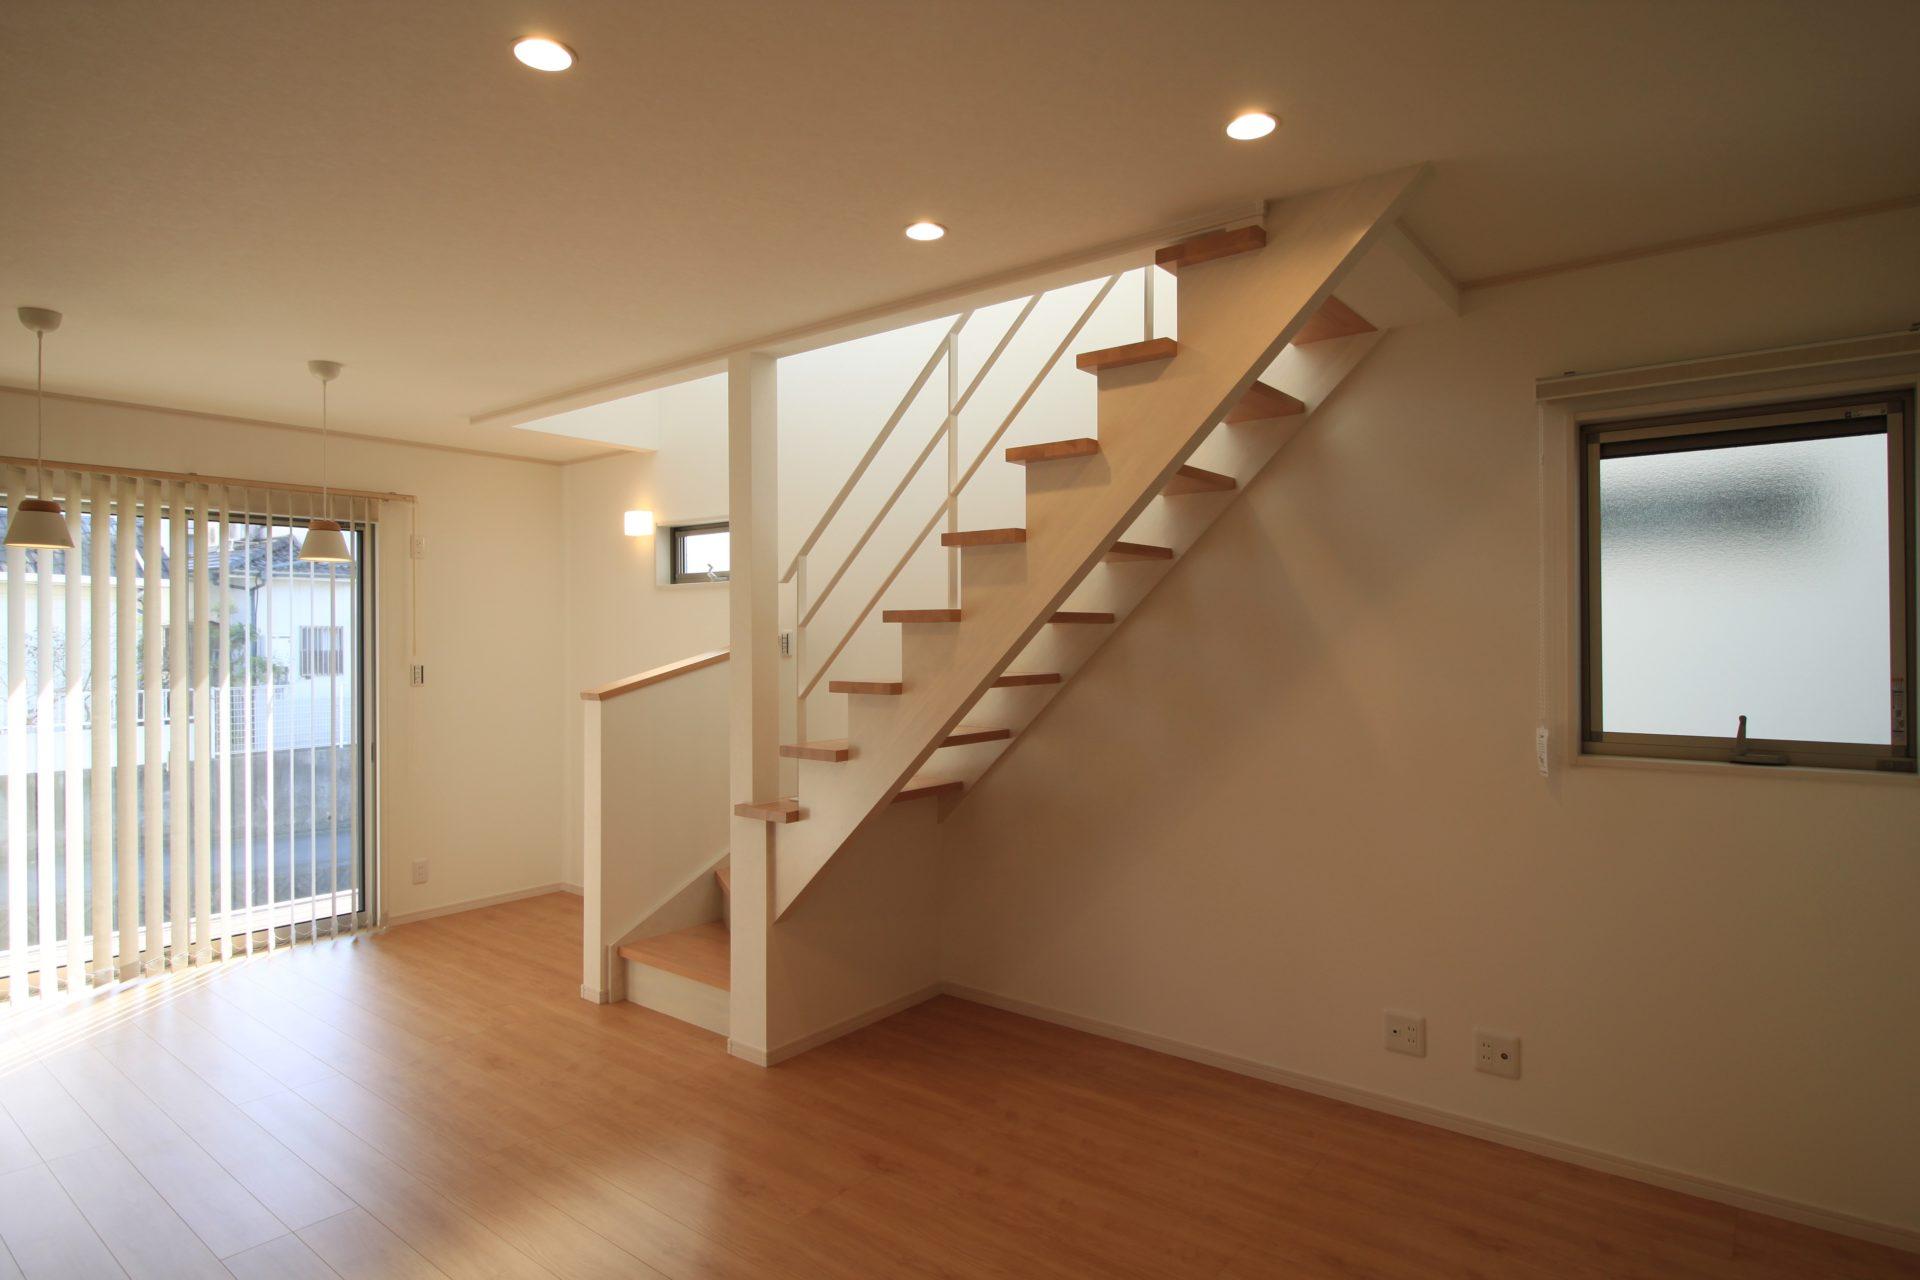 白いアイアン手すりのオープン階段の家